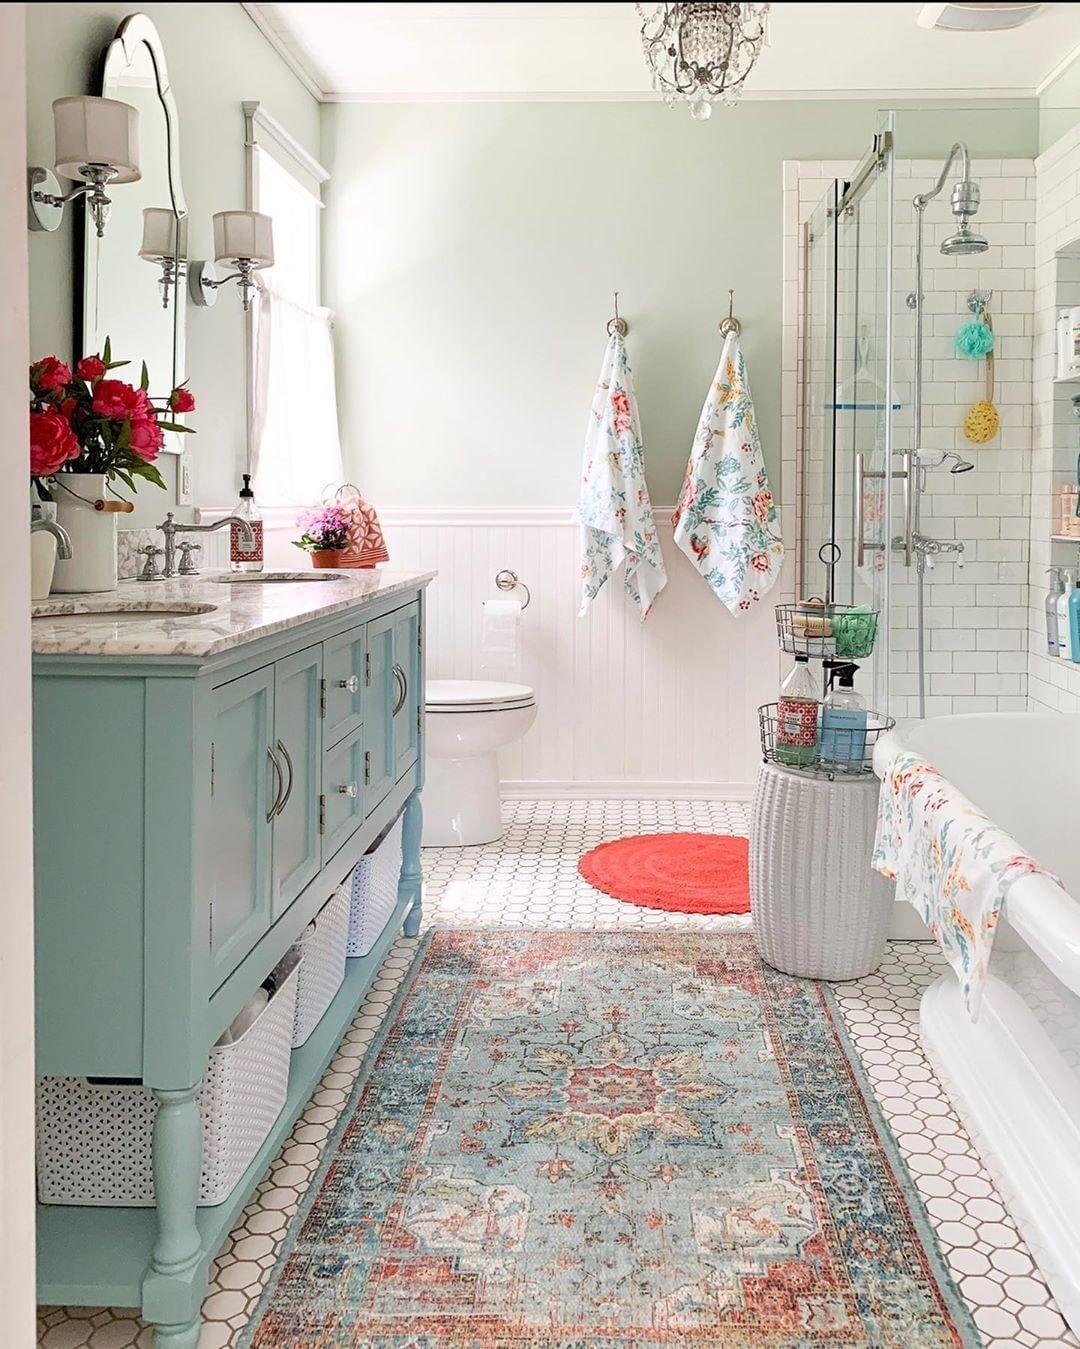 Farmhousedailyinspo On Instagram What A Bathroom Goldenboysandme Farmhousedecor Farmh Pretty Bathrooms Bathrooms Remodel Bathroom Decor